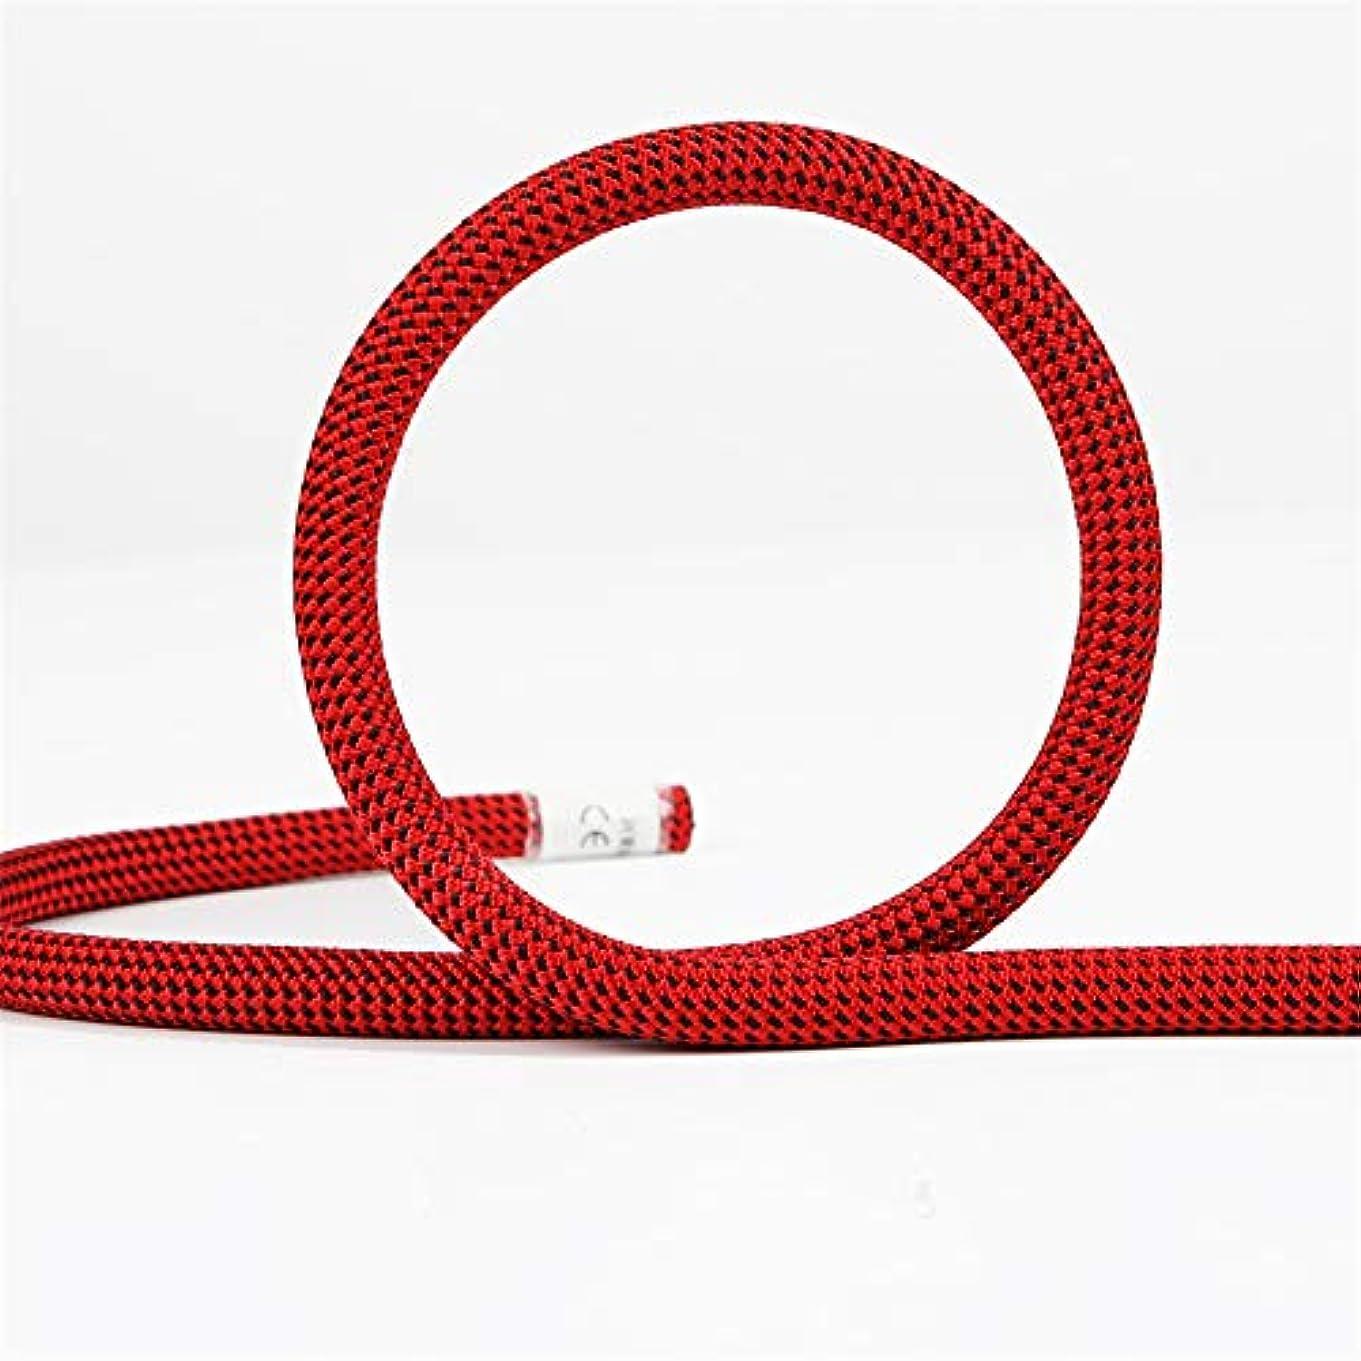 物理的なティーンエイジャー不実屋外クライミングロープ、10.5ミリメートルツリーウォールクライミング機器ギア屋外サバイバル火災エスケープ安全ロープ10メートル20メートル30メートル50メートル,red,10m